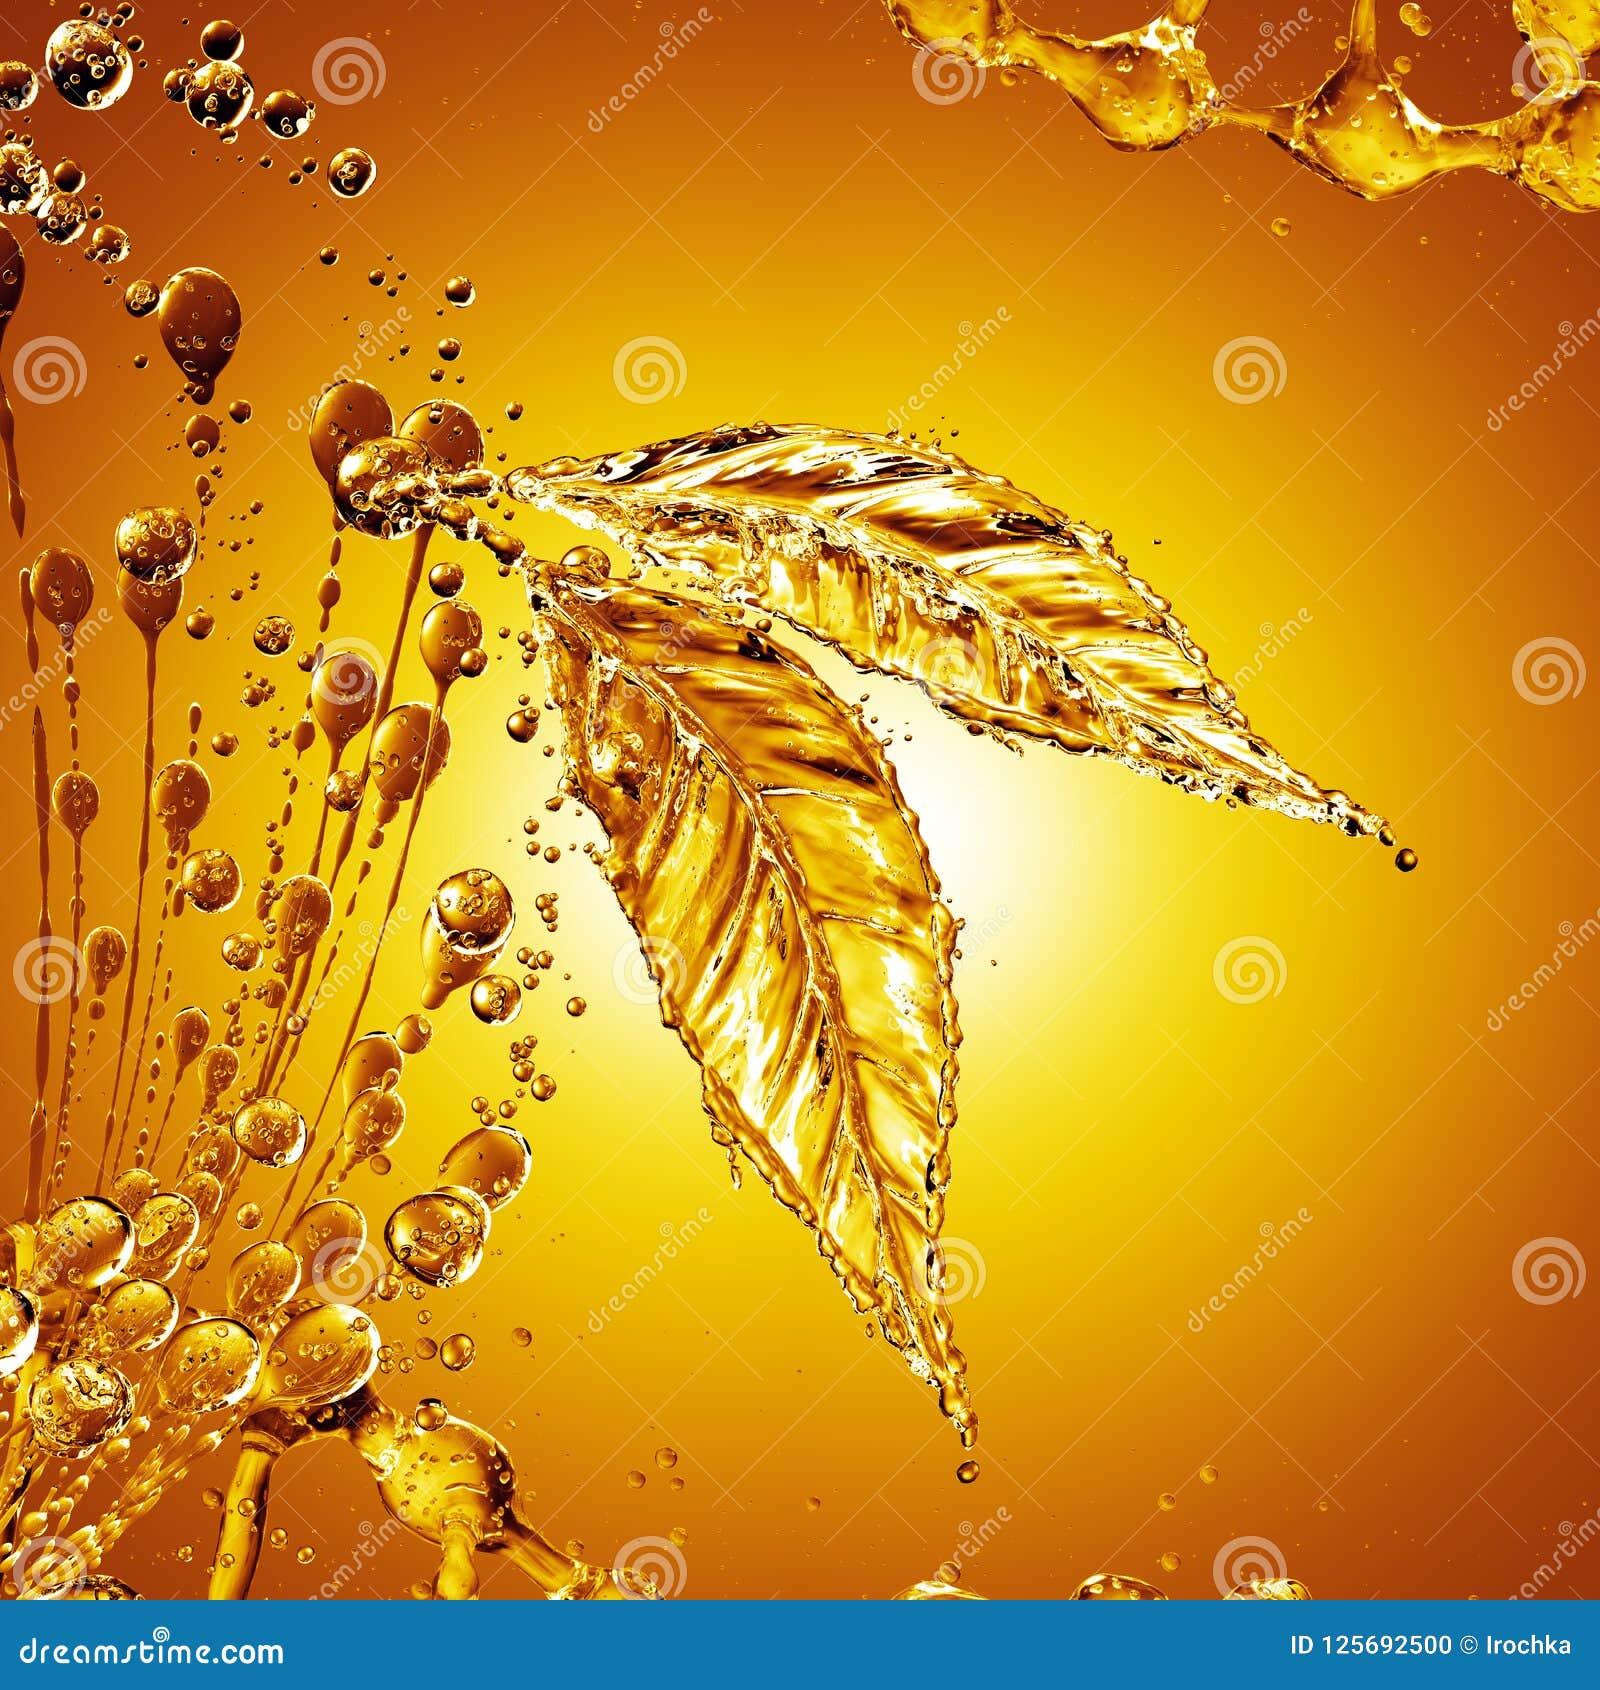 Download Leaf Made Of Oil Splash On Gold Background Stock Illustration - Illustration of figure, drink: 125692500